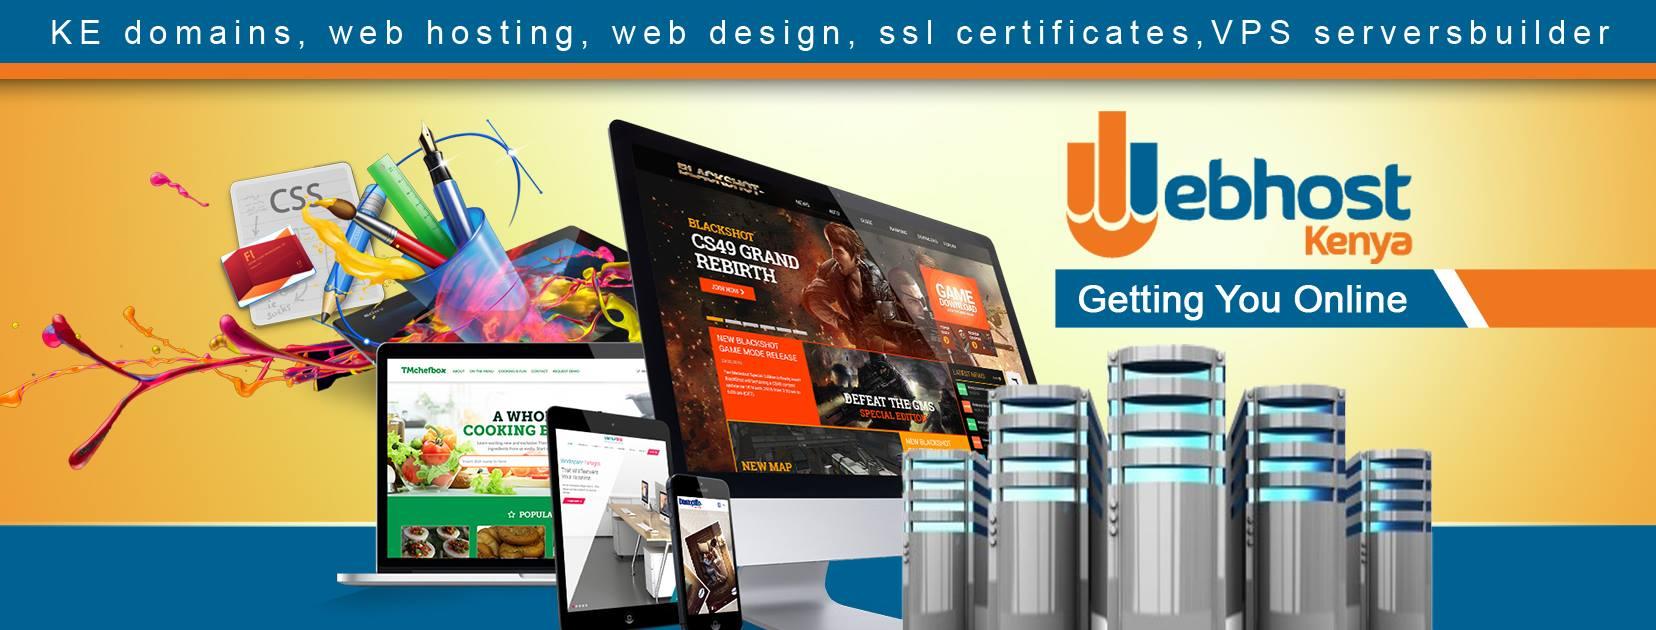 WeHostKenya.co.ke Web hosting Review